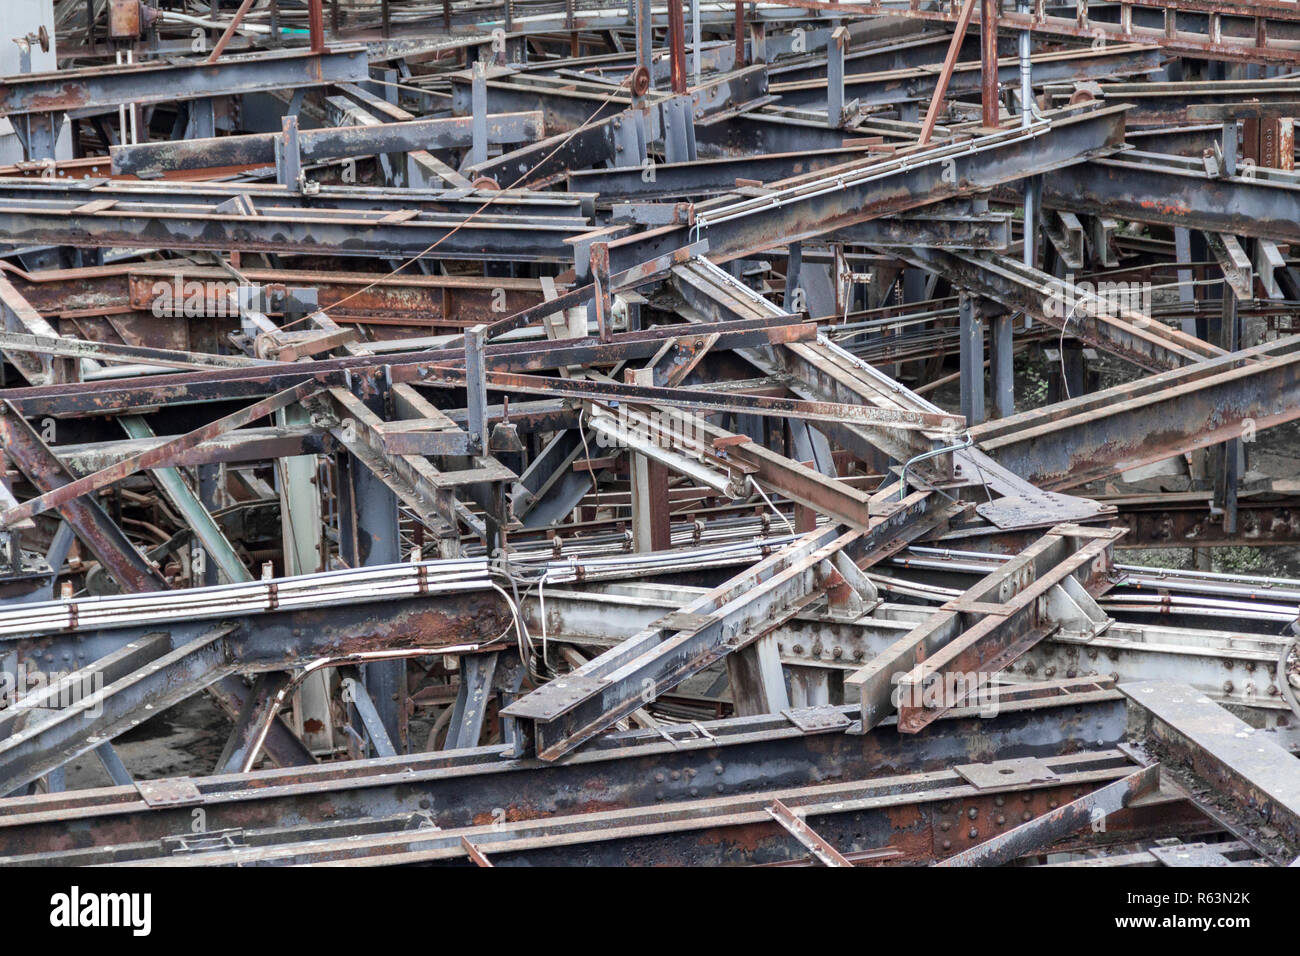 Verwitterte rusty industrielle Landschaft mit vielen alten korrodierter Stahlträger Stockbild